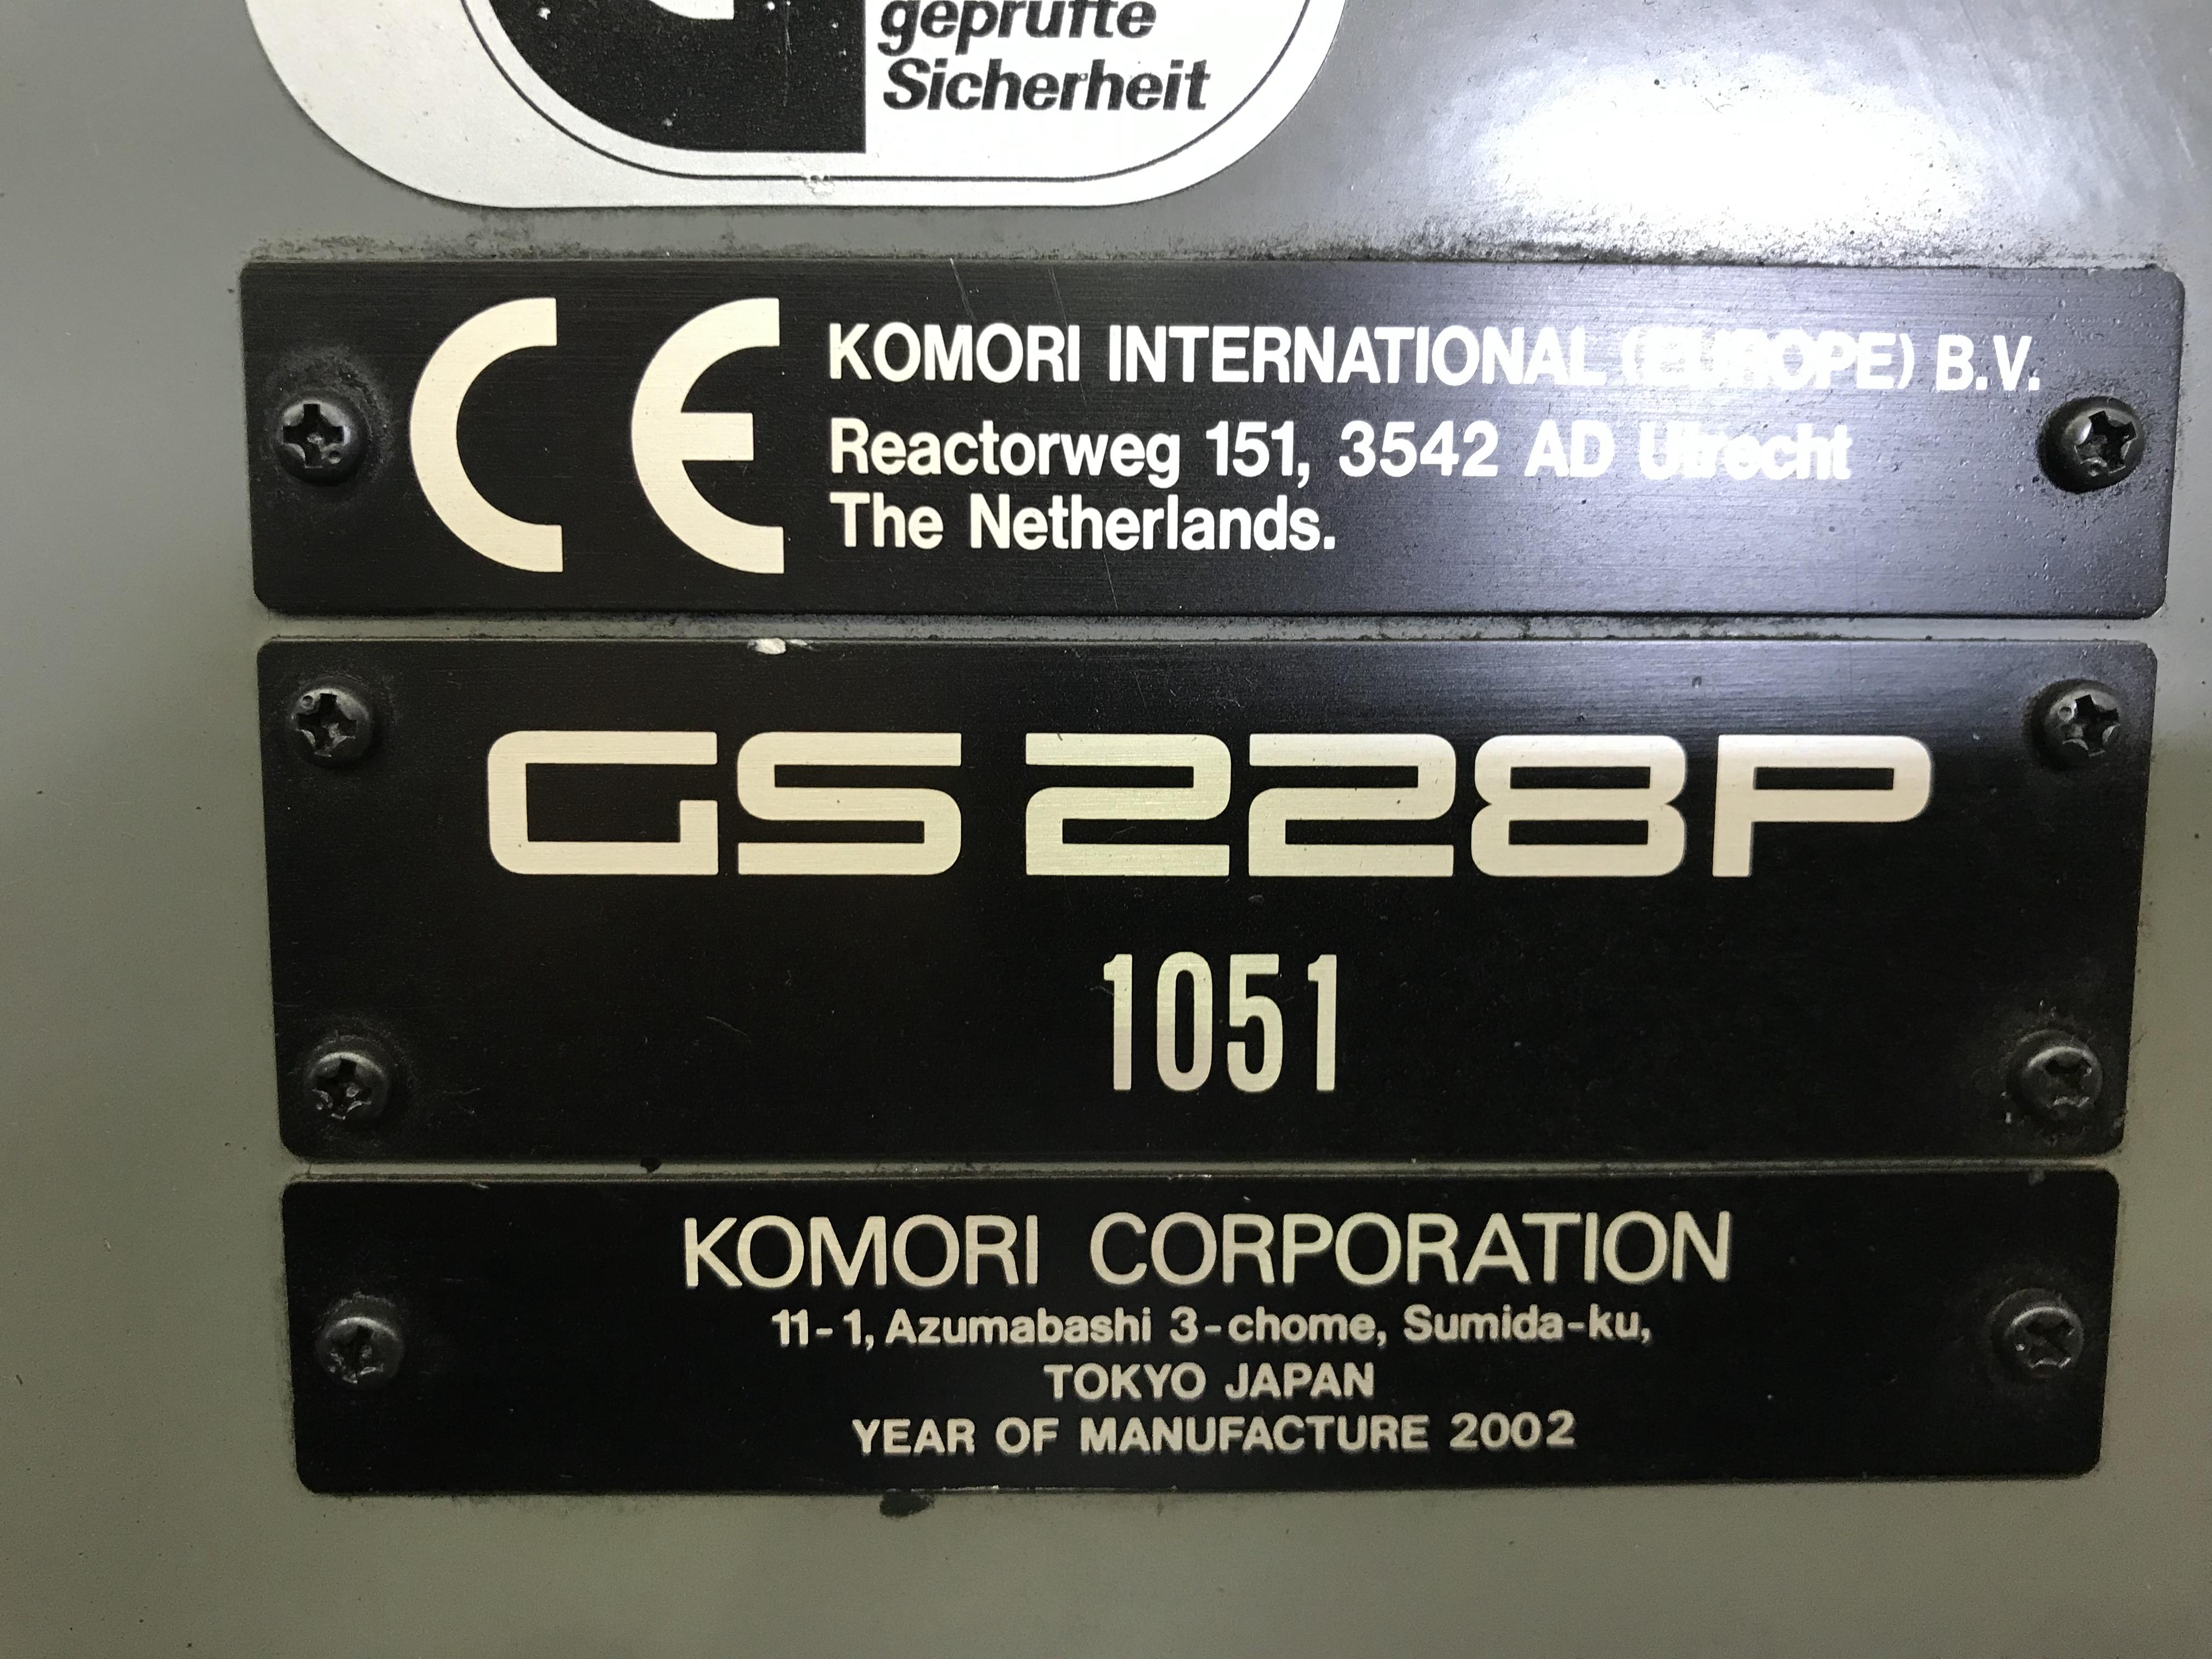 Komori GS 228P - 2